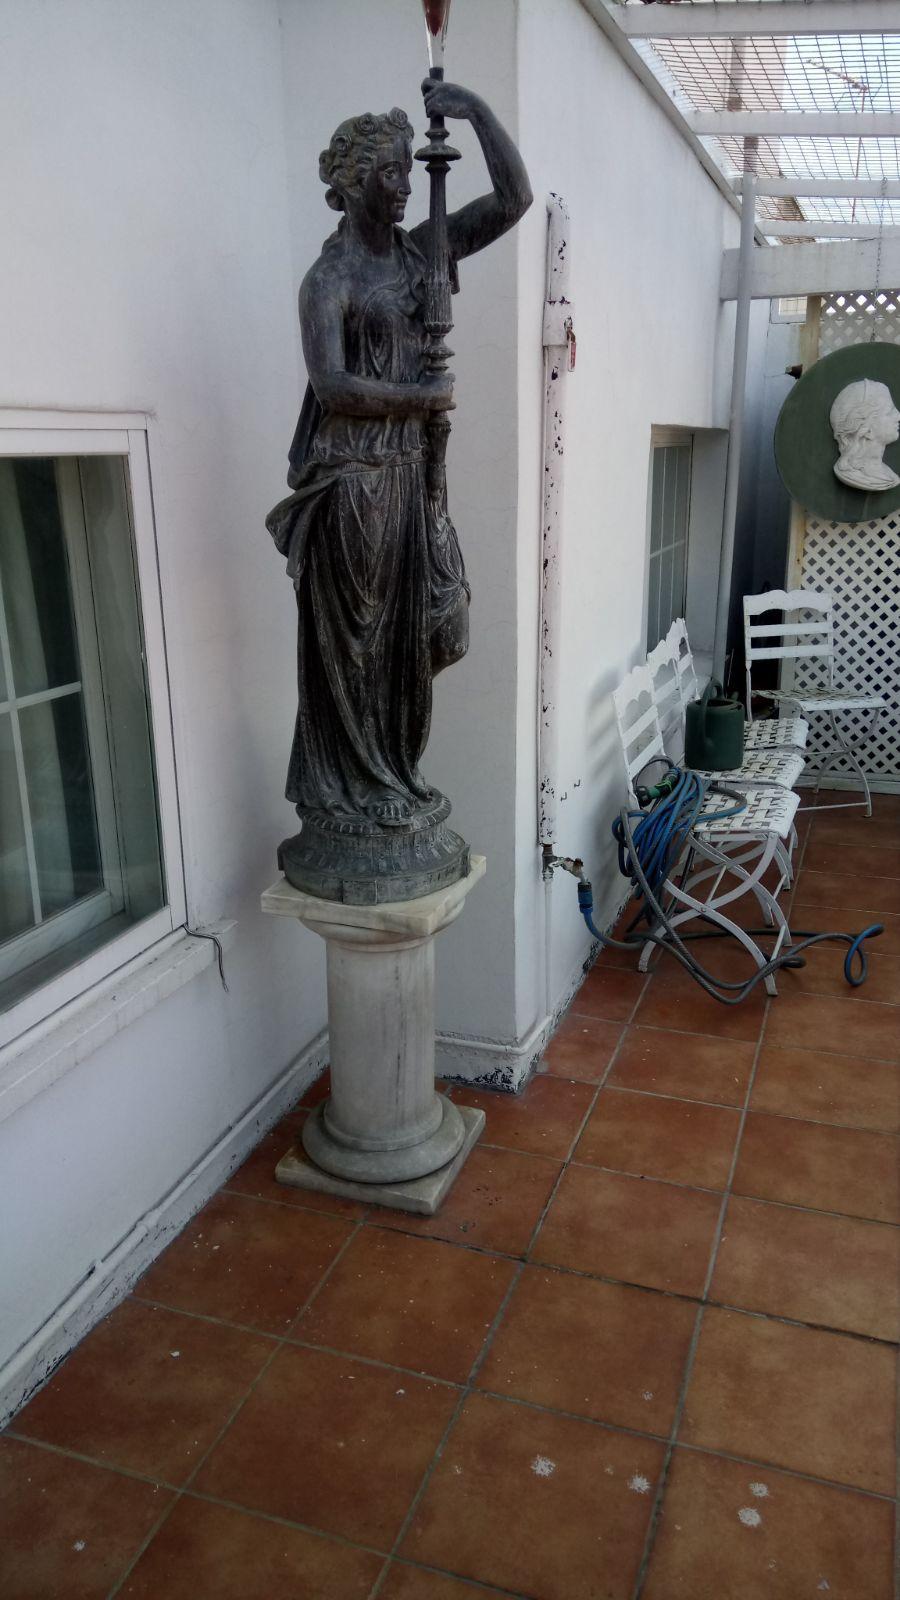 Foto 6 de Galerías de arte y salas de exposiciones en Cartagena | Arte & Antigüedades Federico Robles Perez